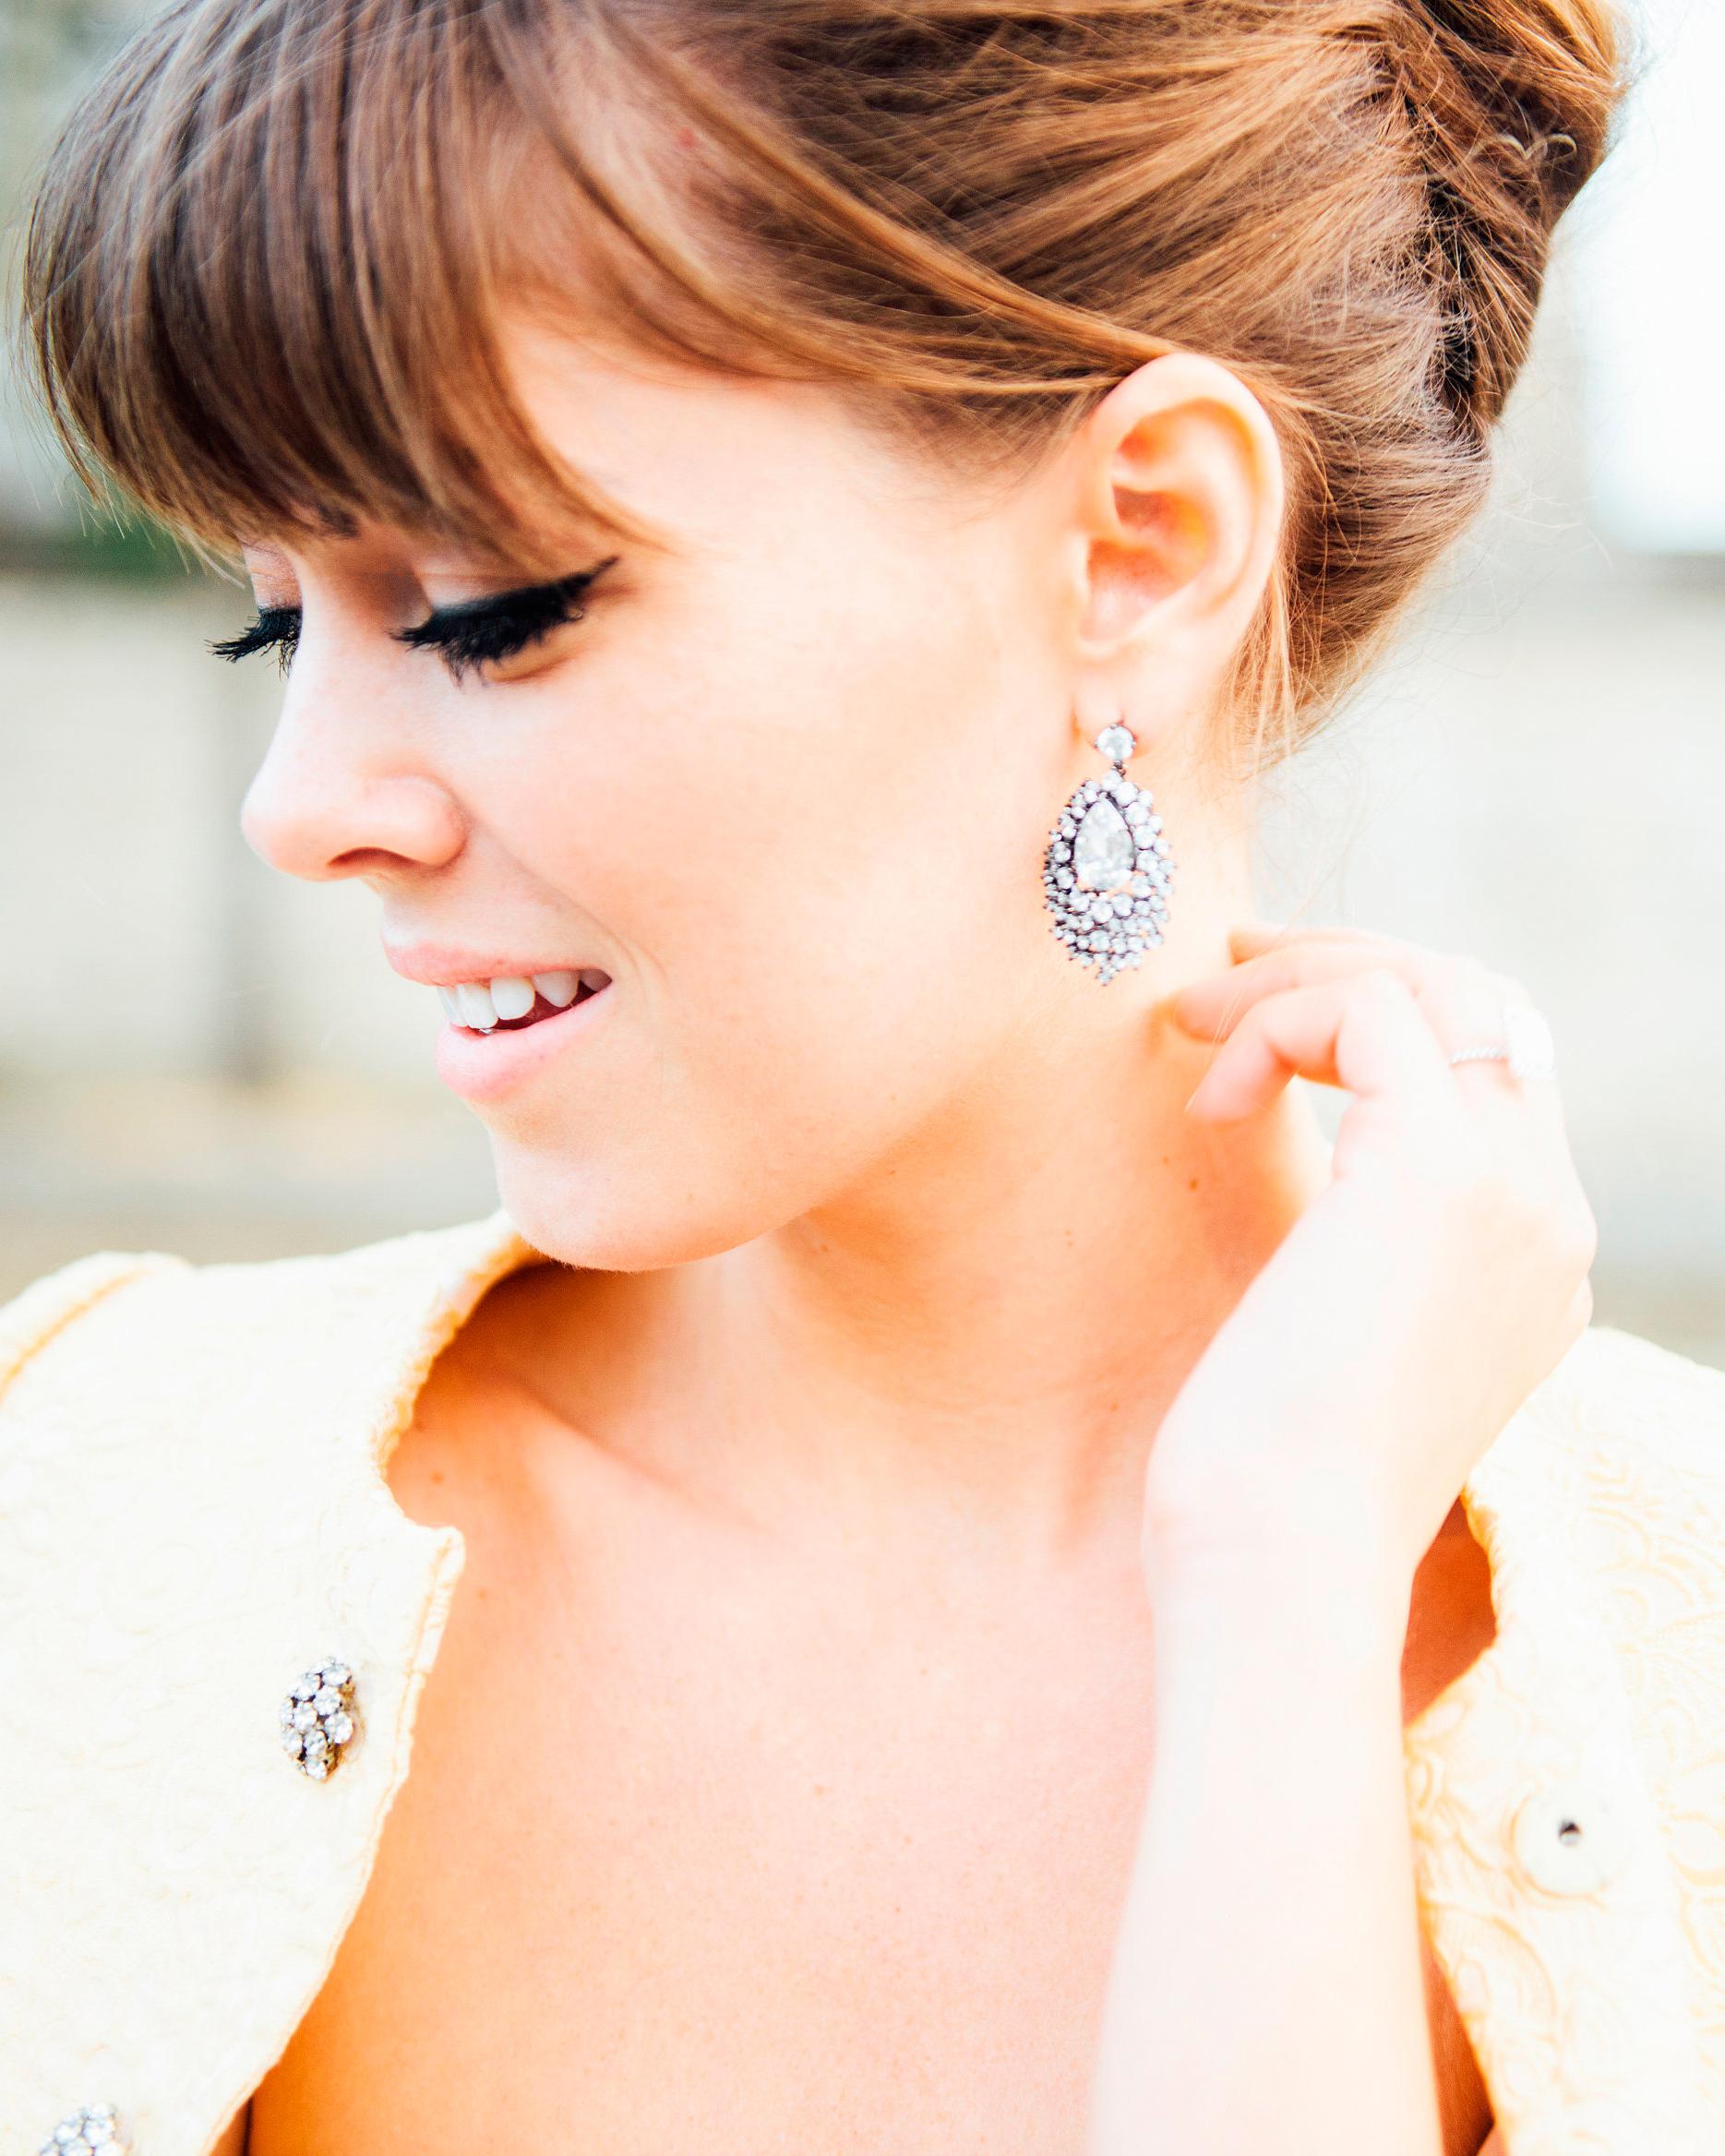 jenny-freddie-boatride-earrings-121-s112779-1215.jpg